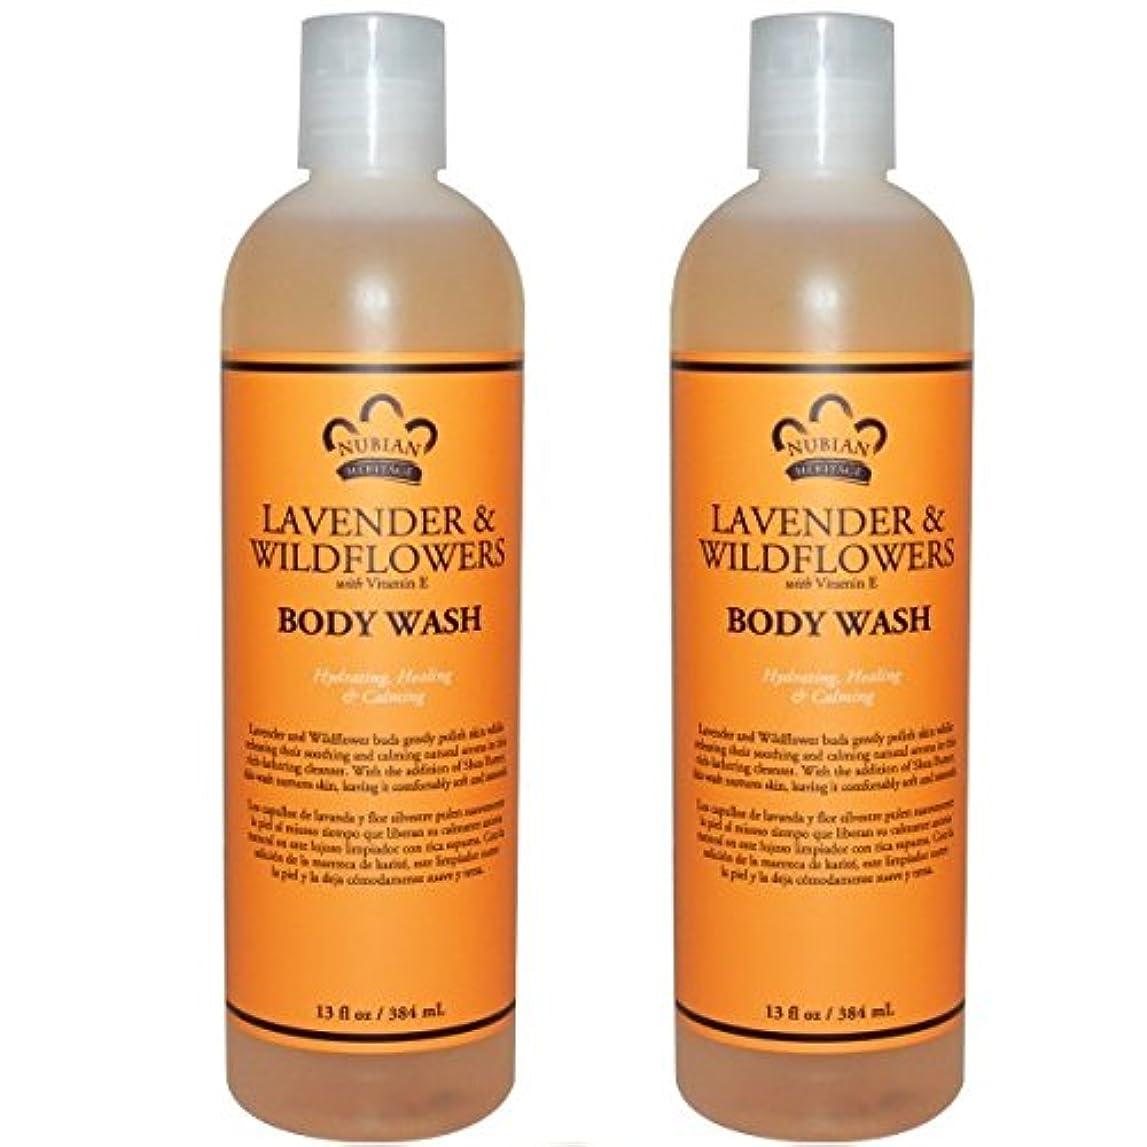 救急車不振さらに【海外直送品】【2本】Nubian Heritage Body Wash Relaxing & Nourishing, Lavender & Wildflowers - 13 fl oz (384 ml)